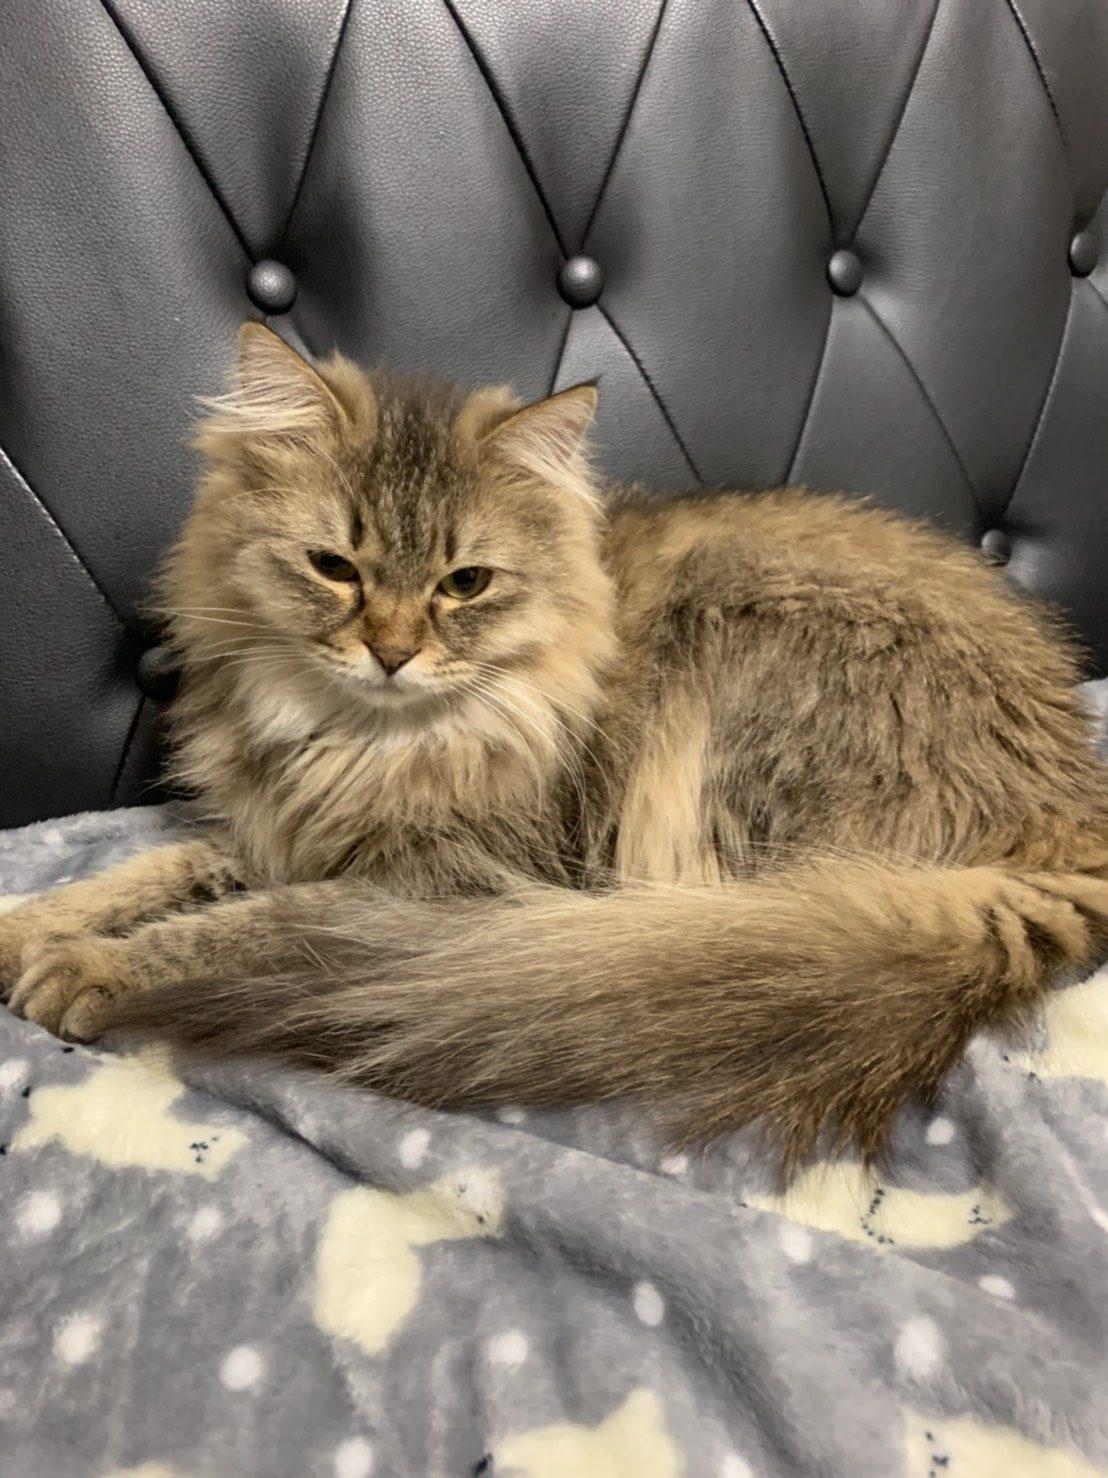 ソファが似合う元保護猫もふ(里親さんのお宅にて)